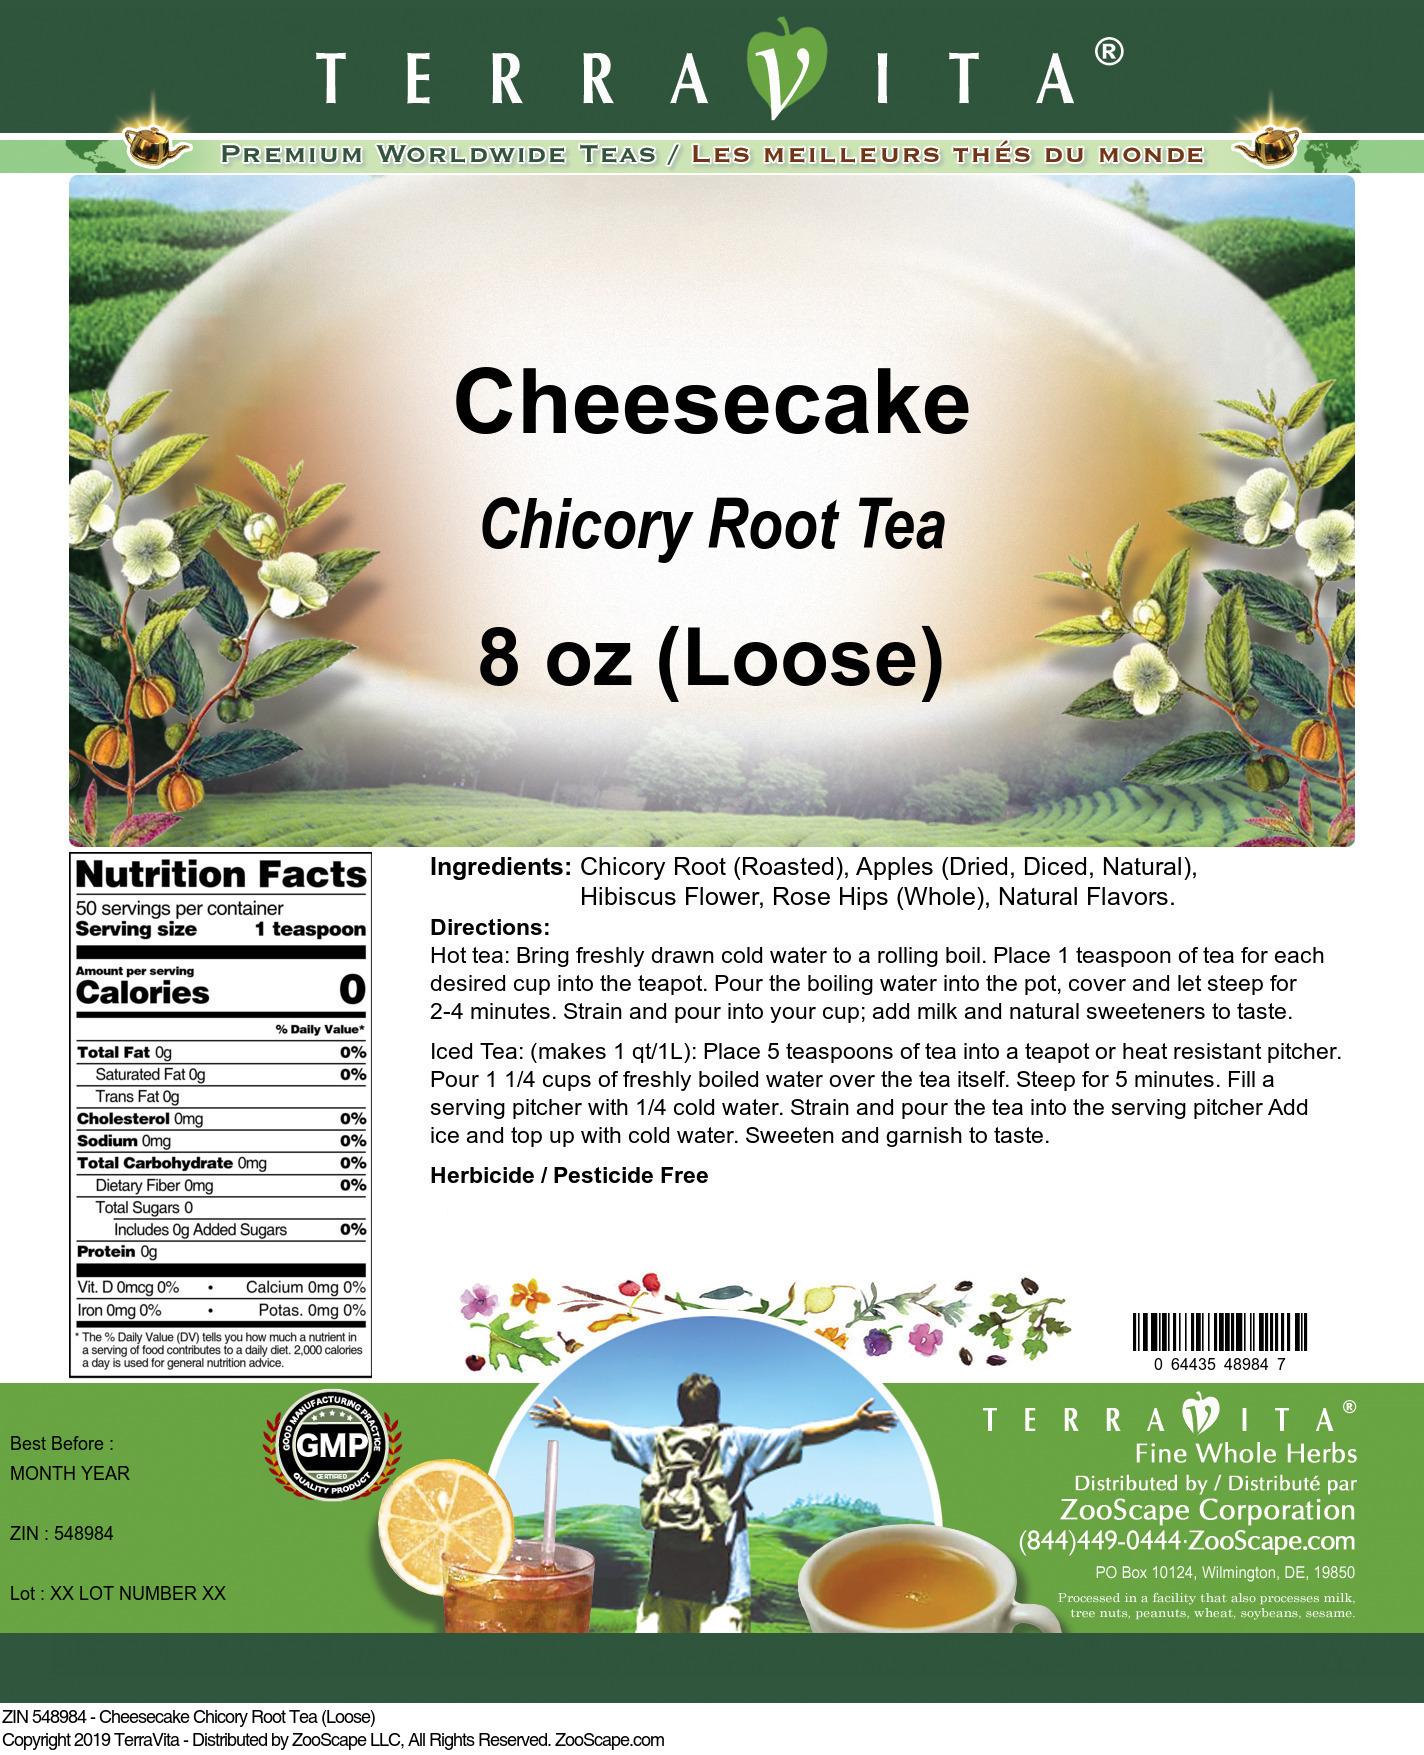 Cheesecake Chicory Root